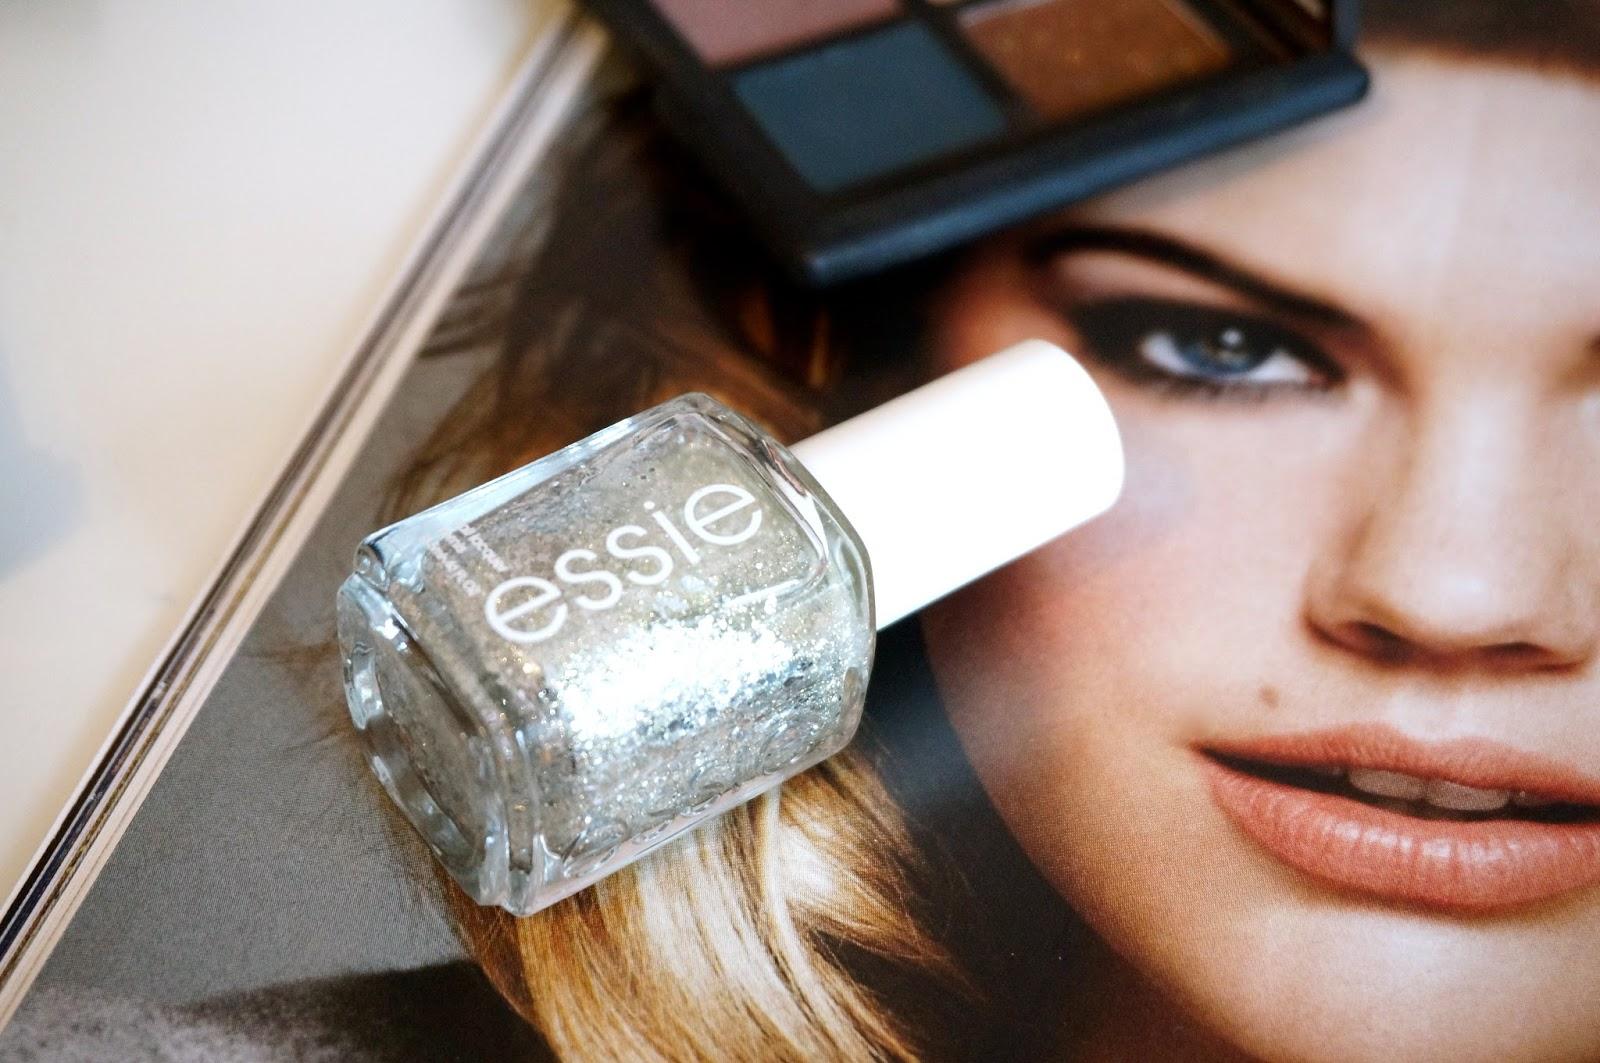 essie sparkly nail polish